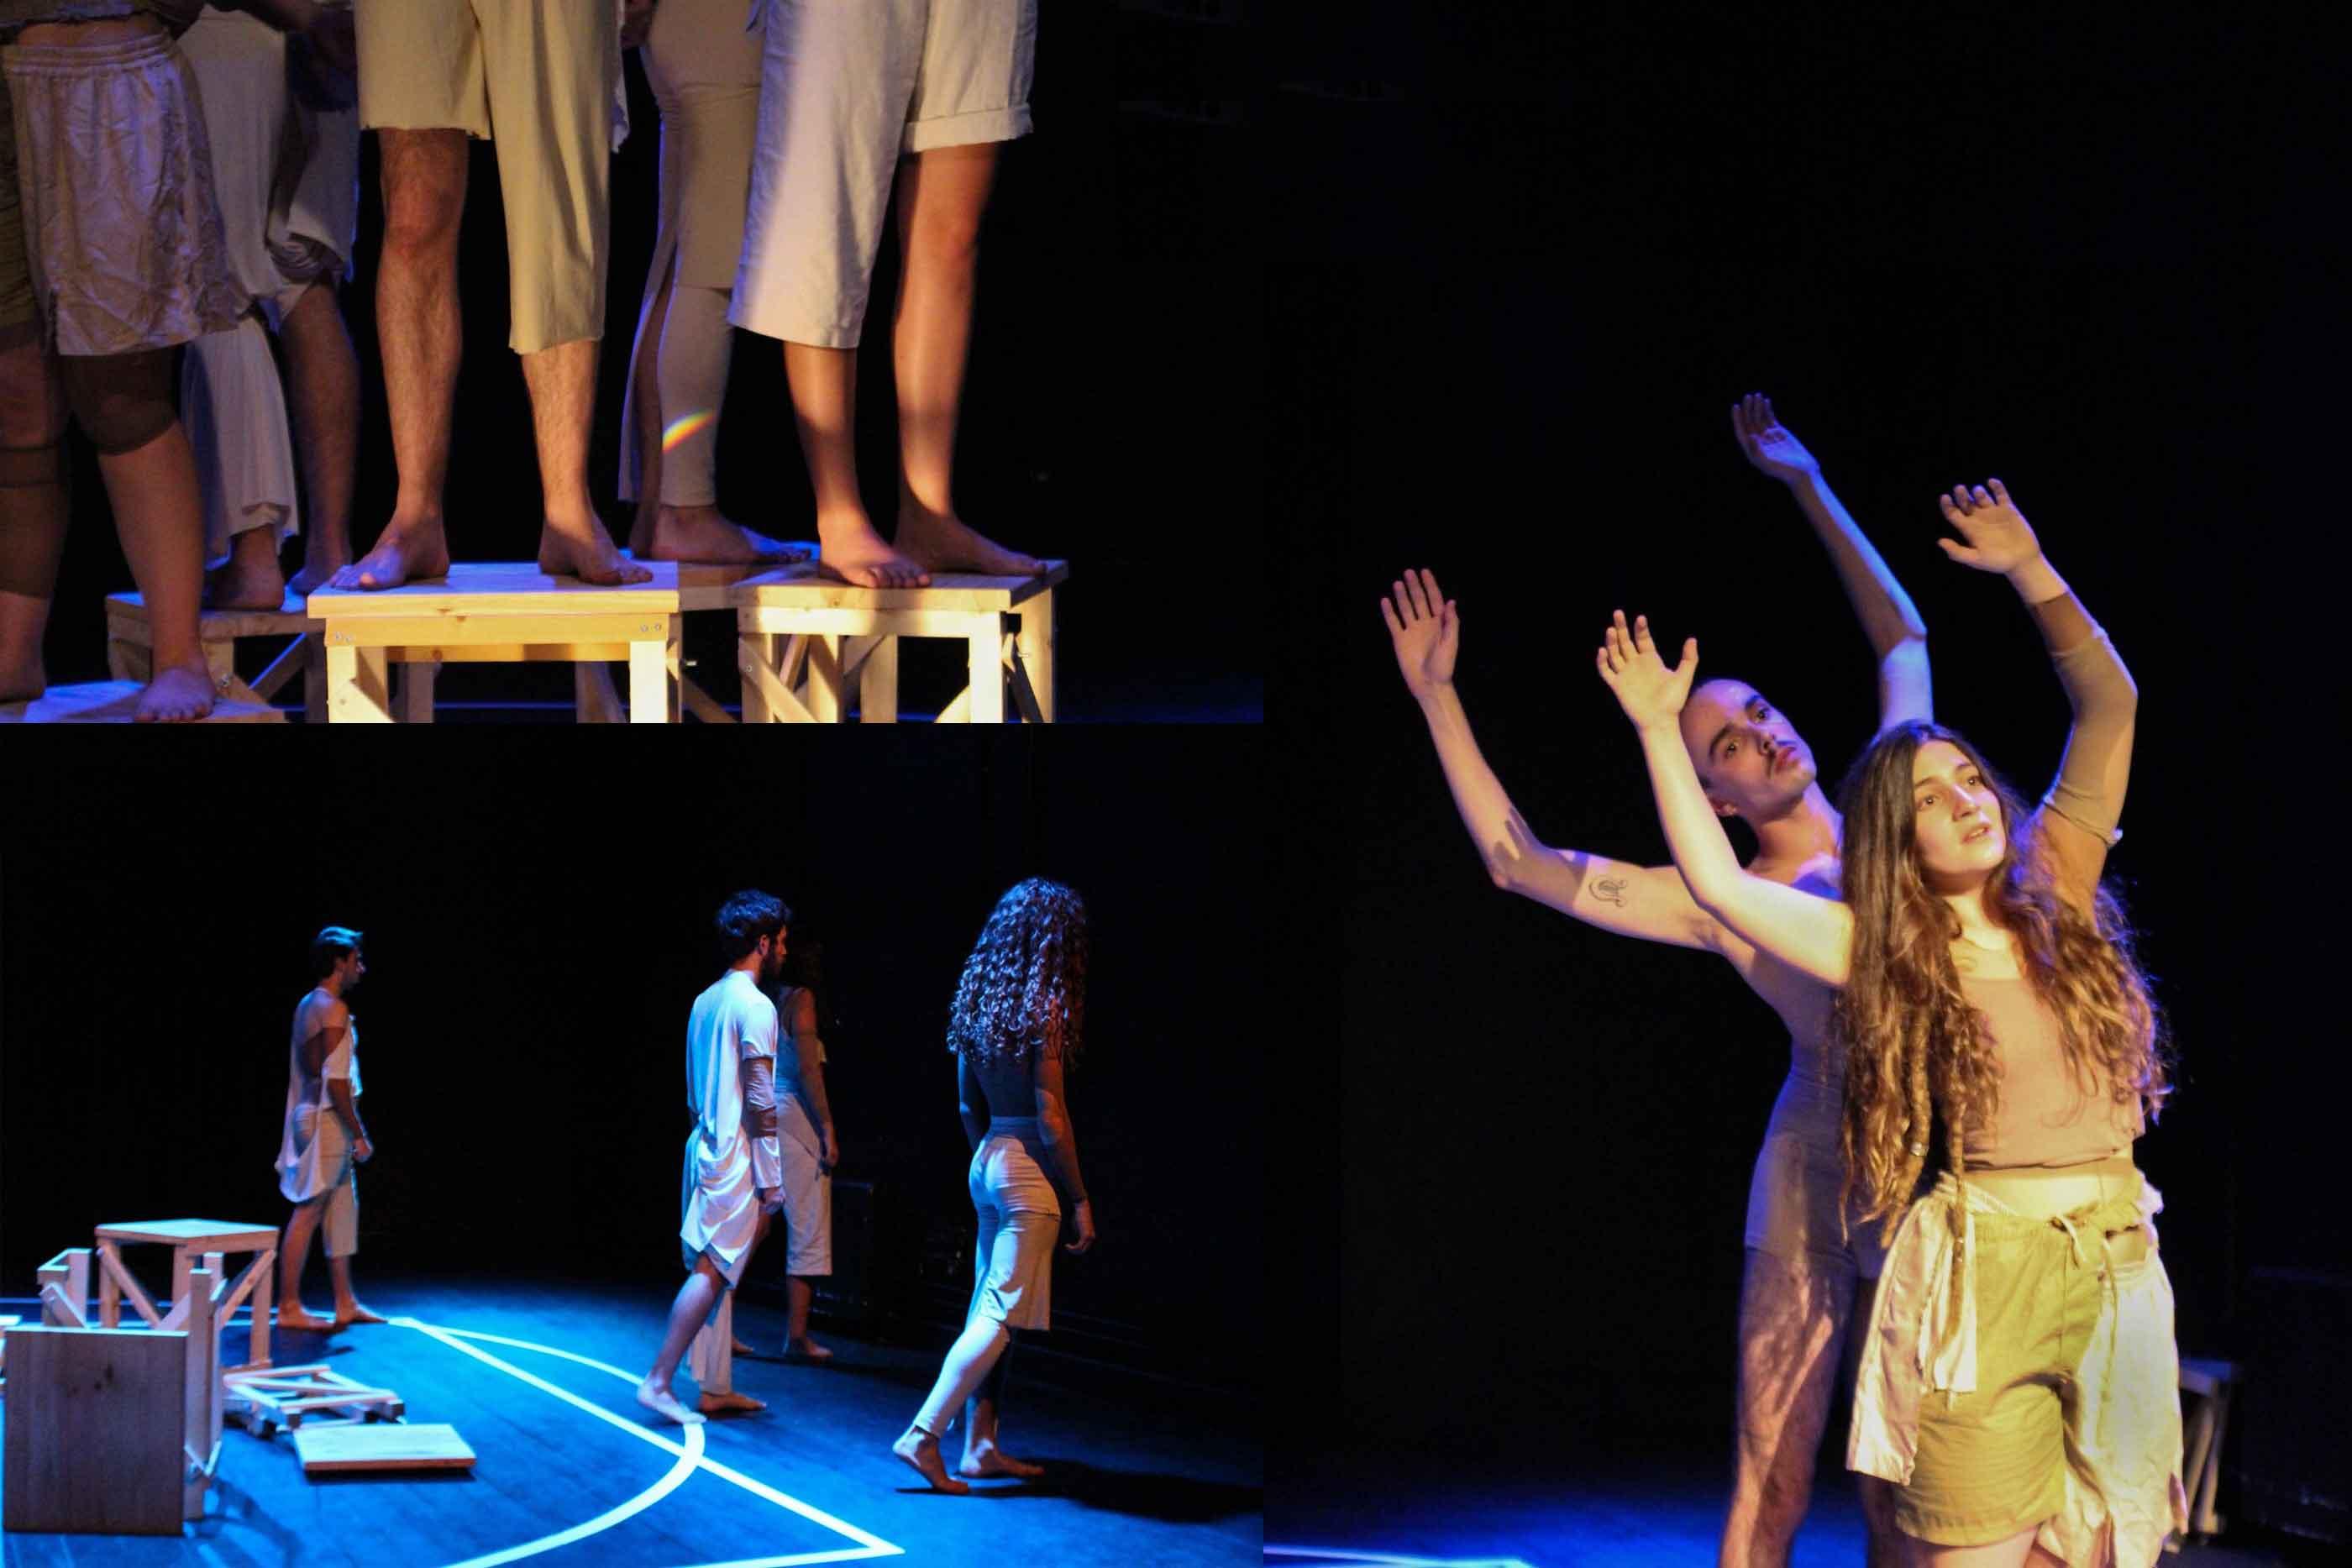 Atores em palco, em três cenas bastante emotivas da peça